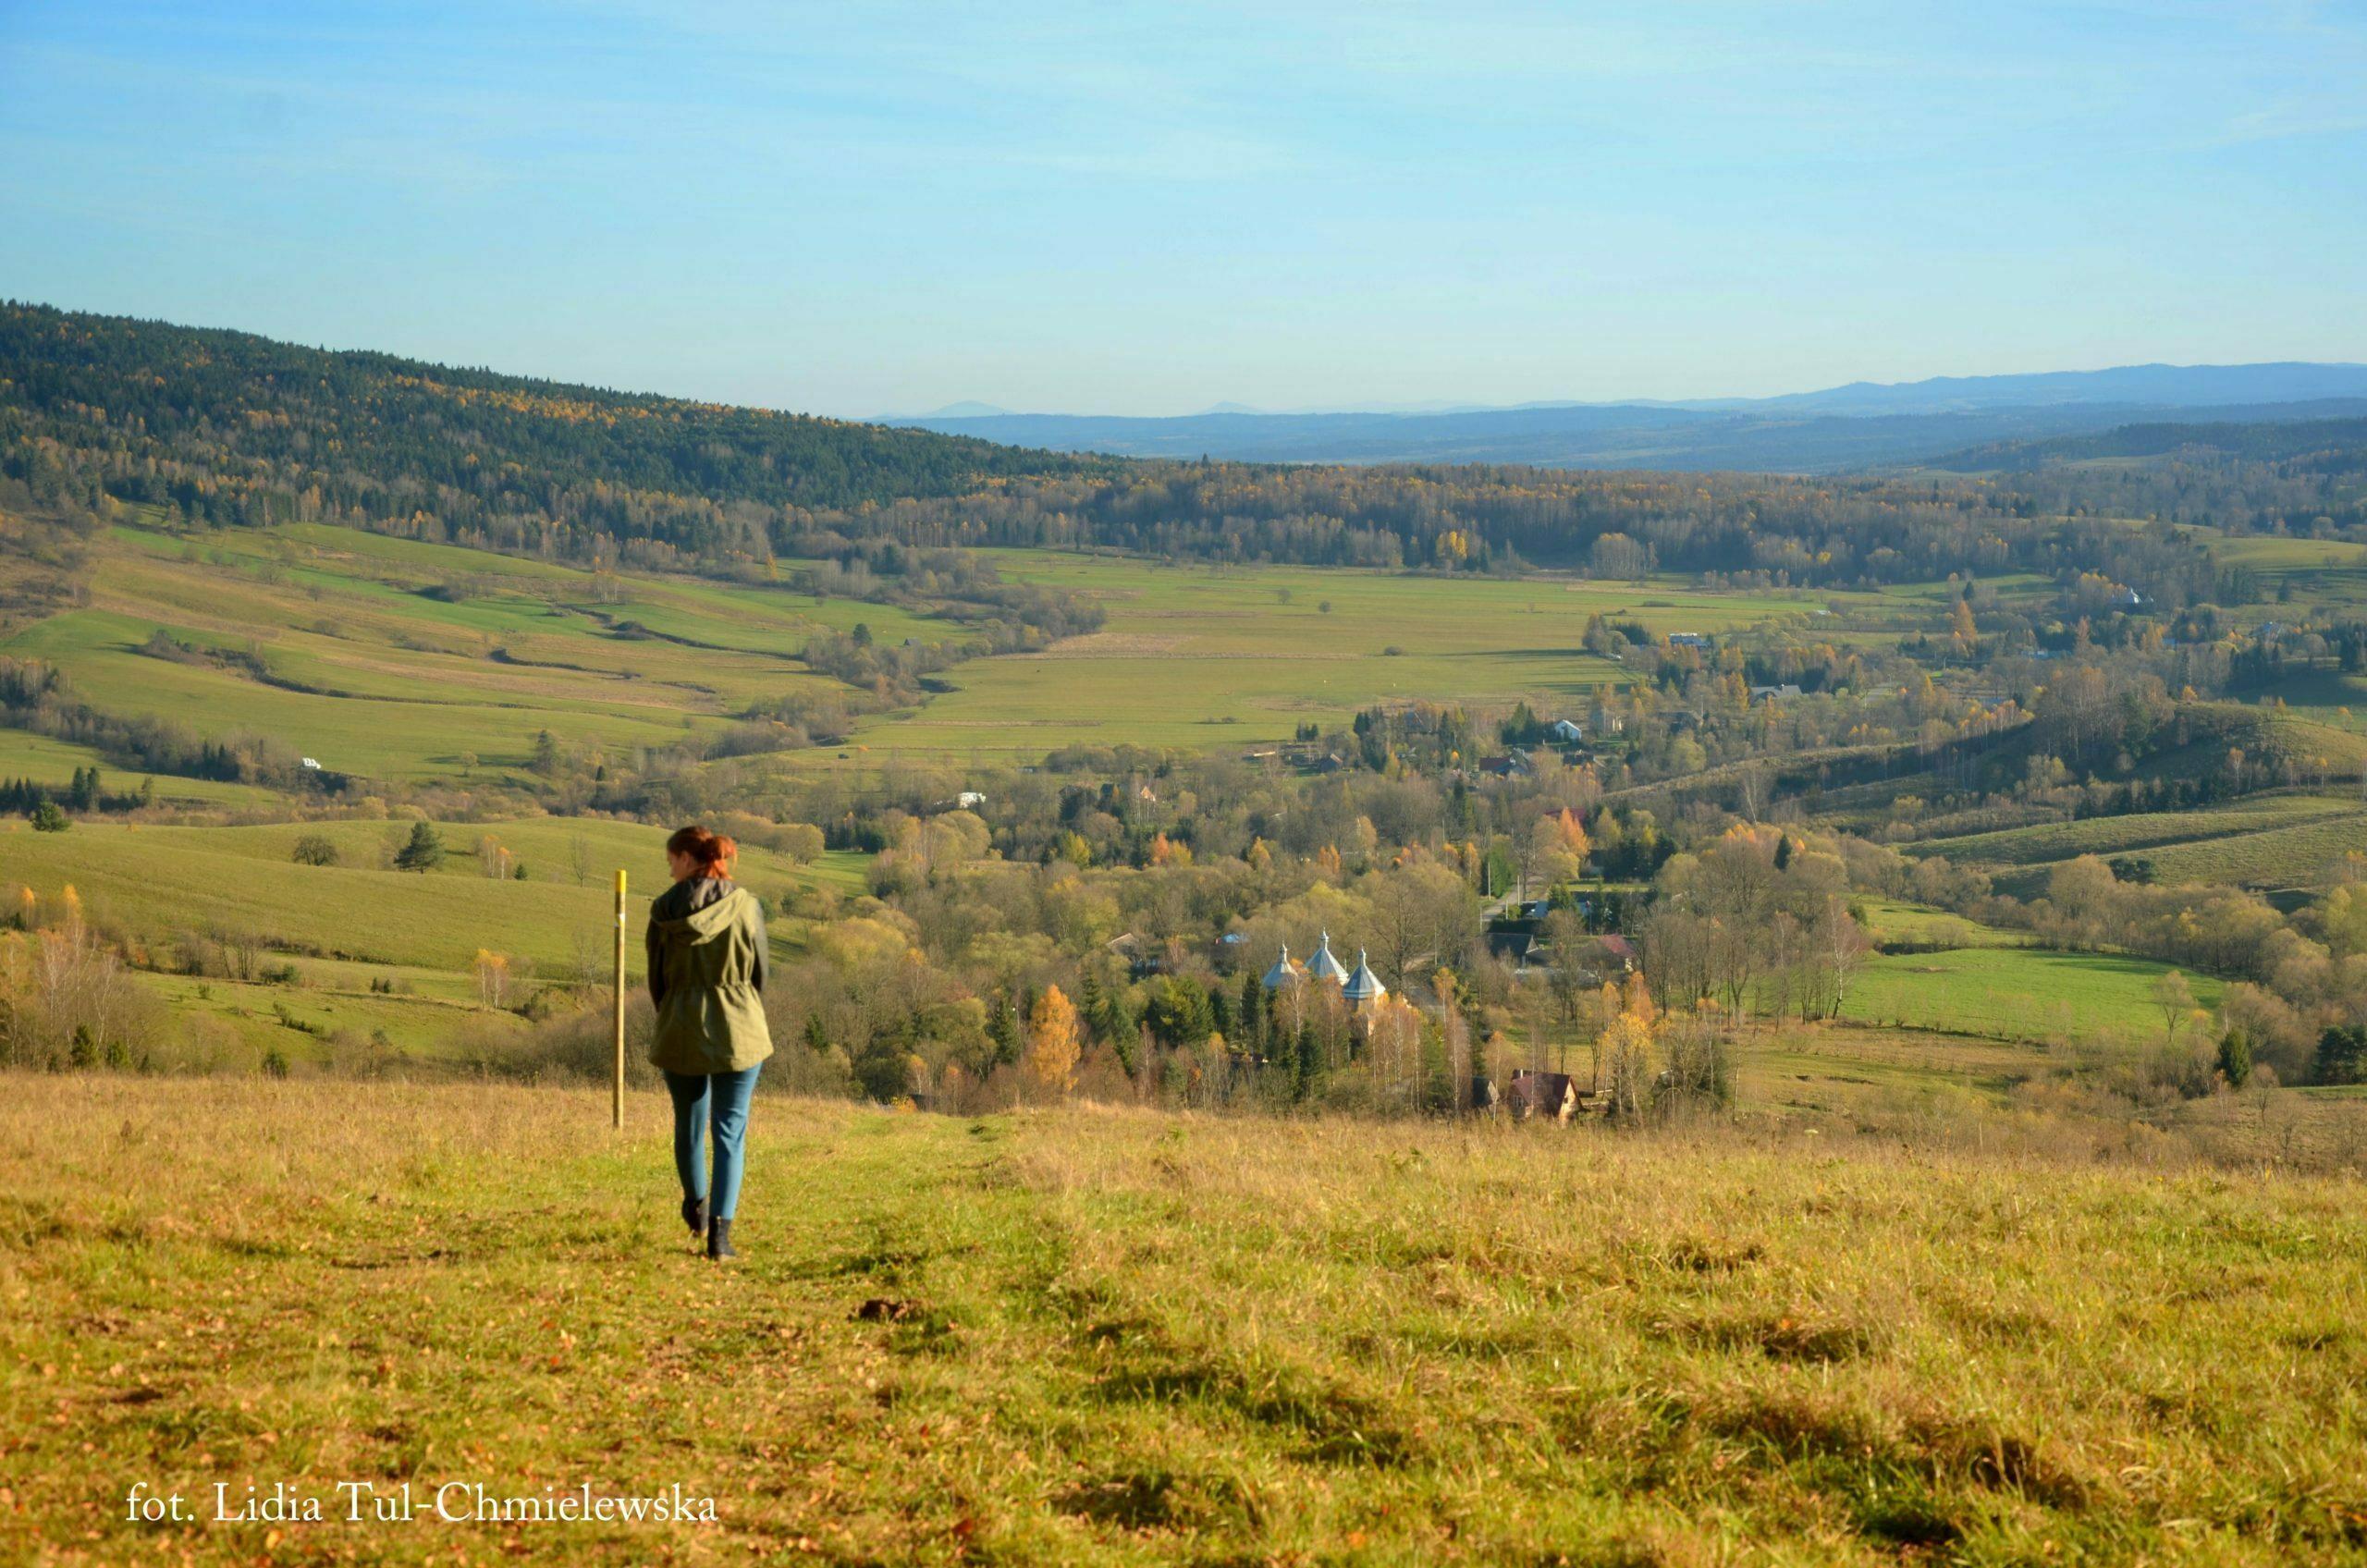 Listopad doskonały miesiącna spacer w Bieszczadach fot. Lidia Tul-Chmielewska